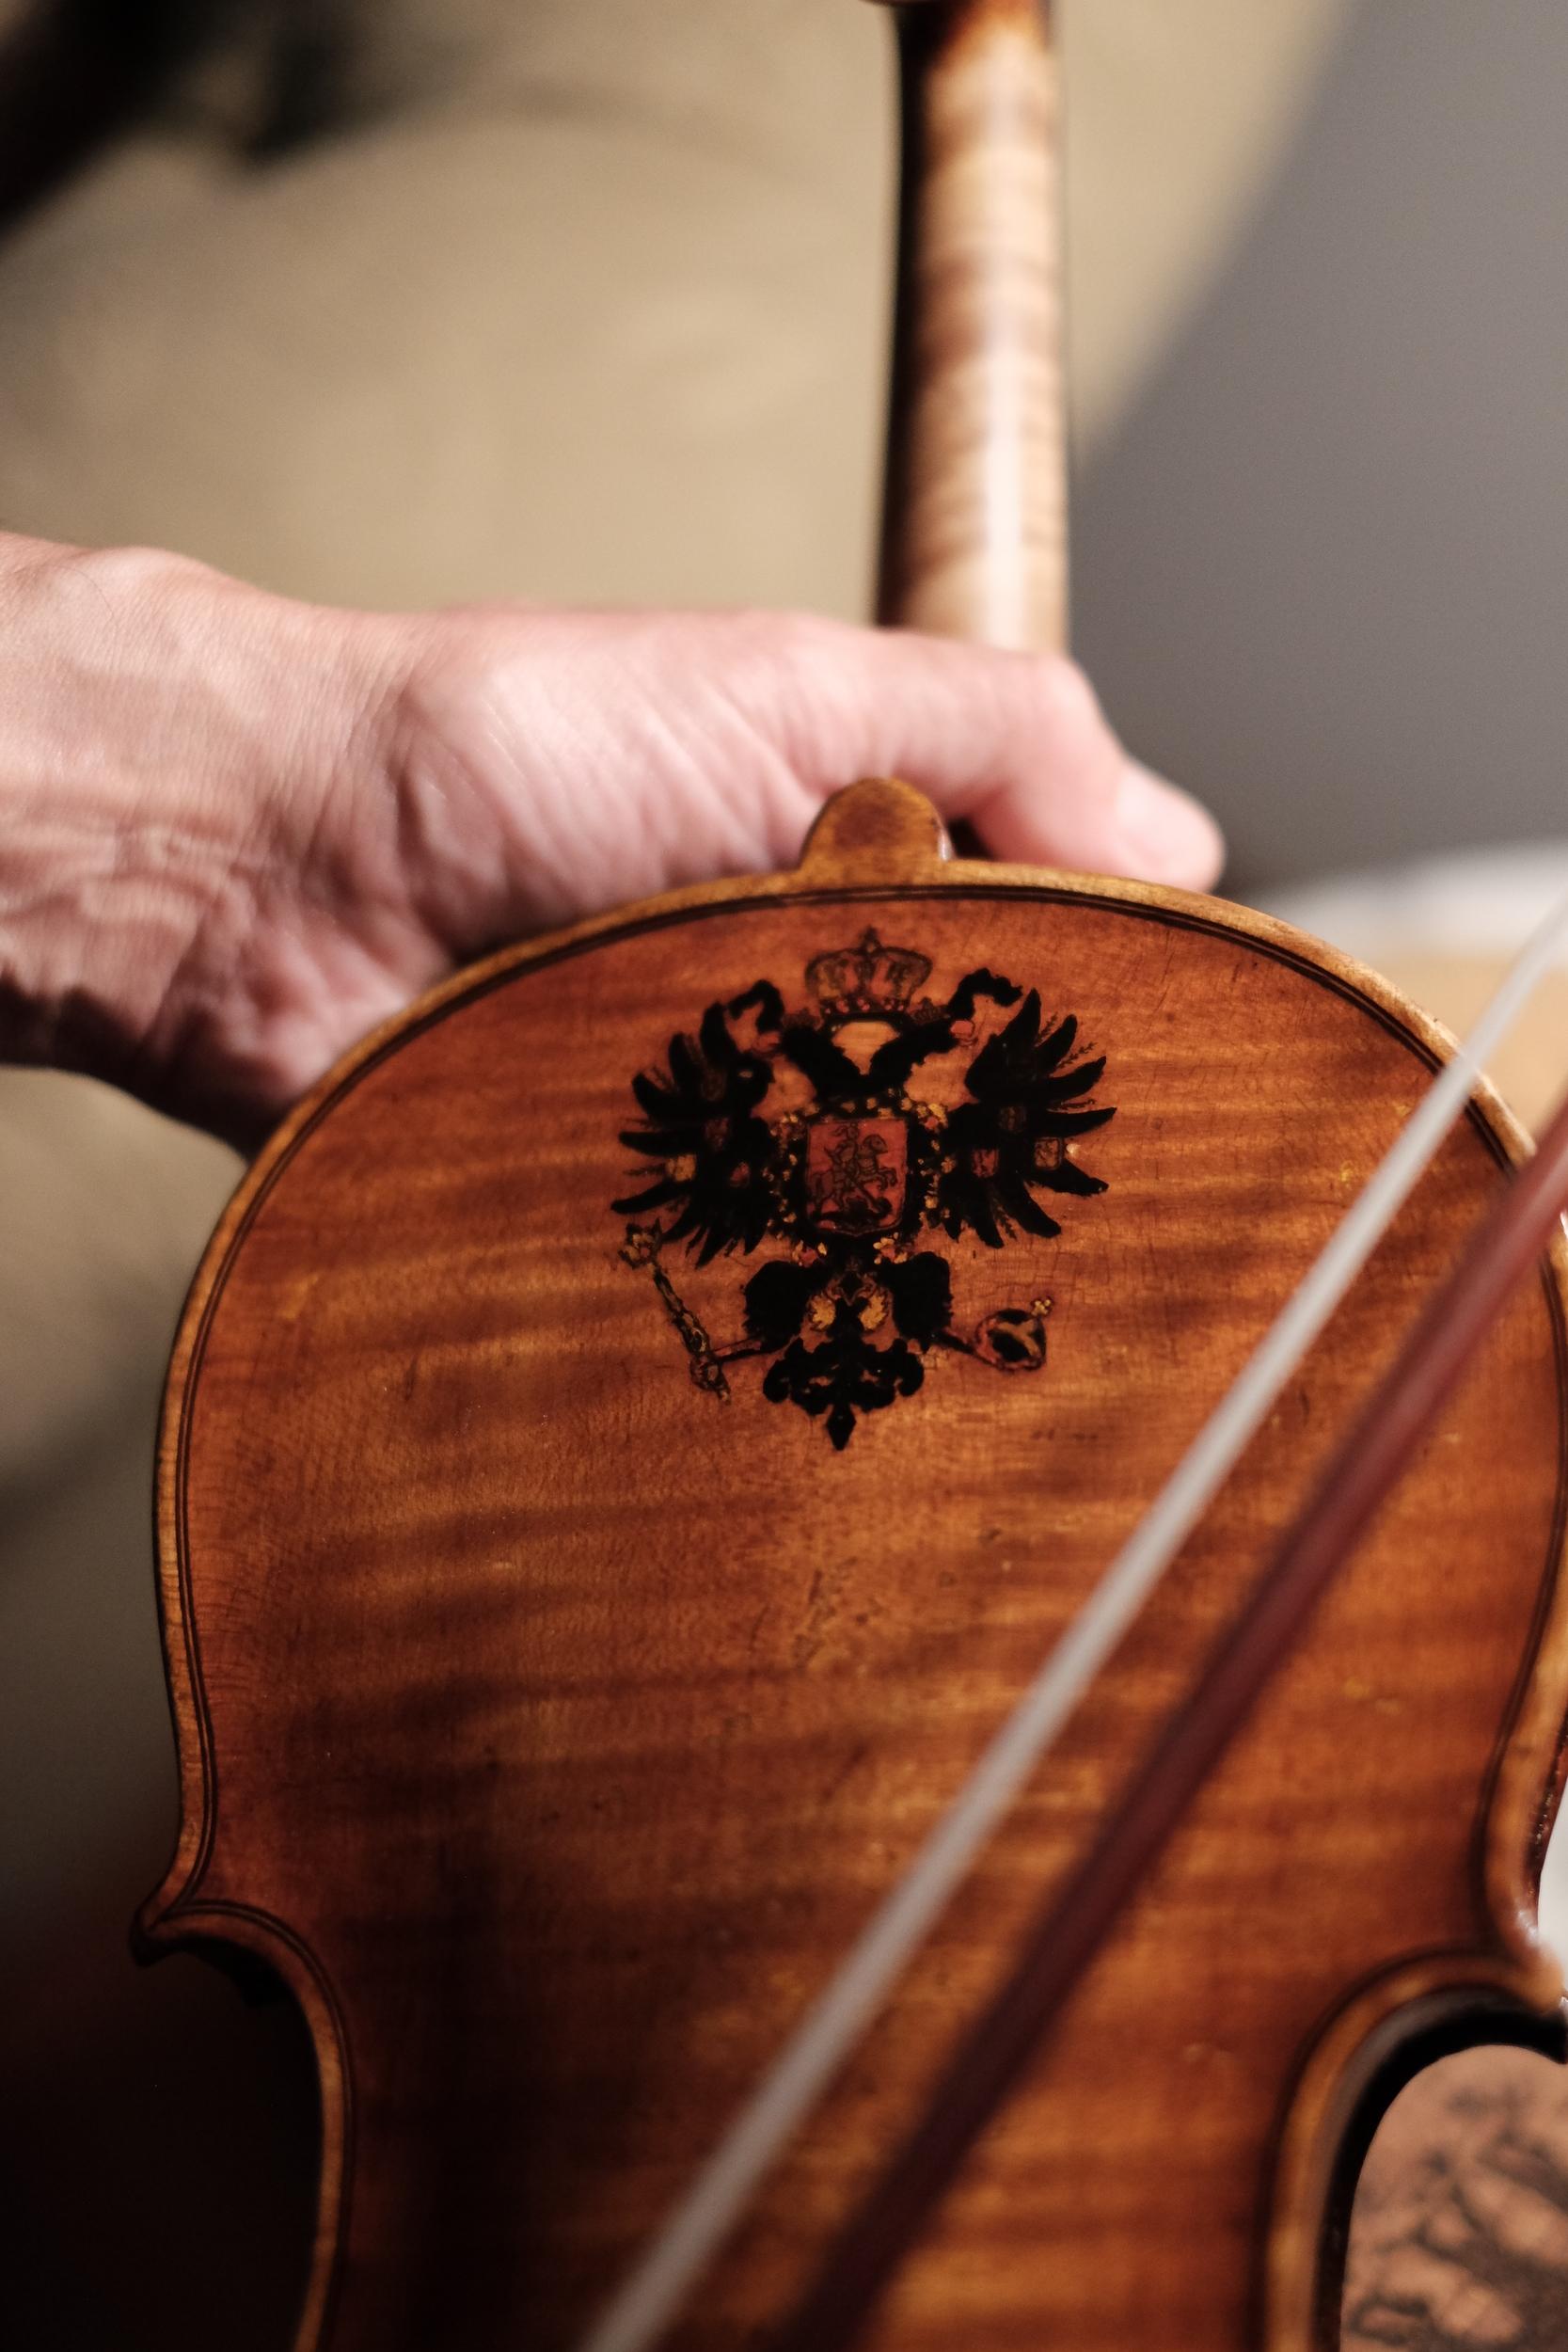 Dad's Violin • 35mm • f/1.4 • 1/200 • ISO 2000